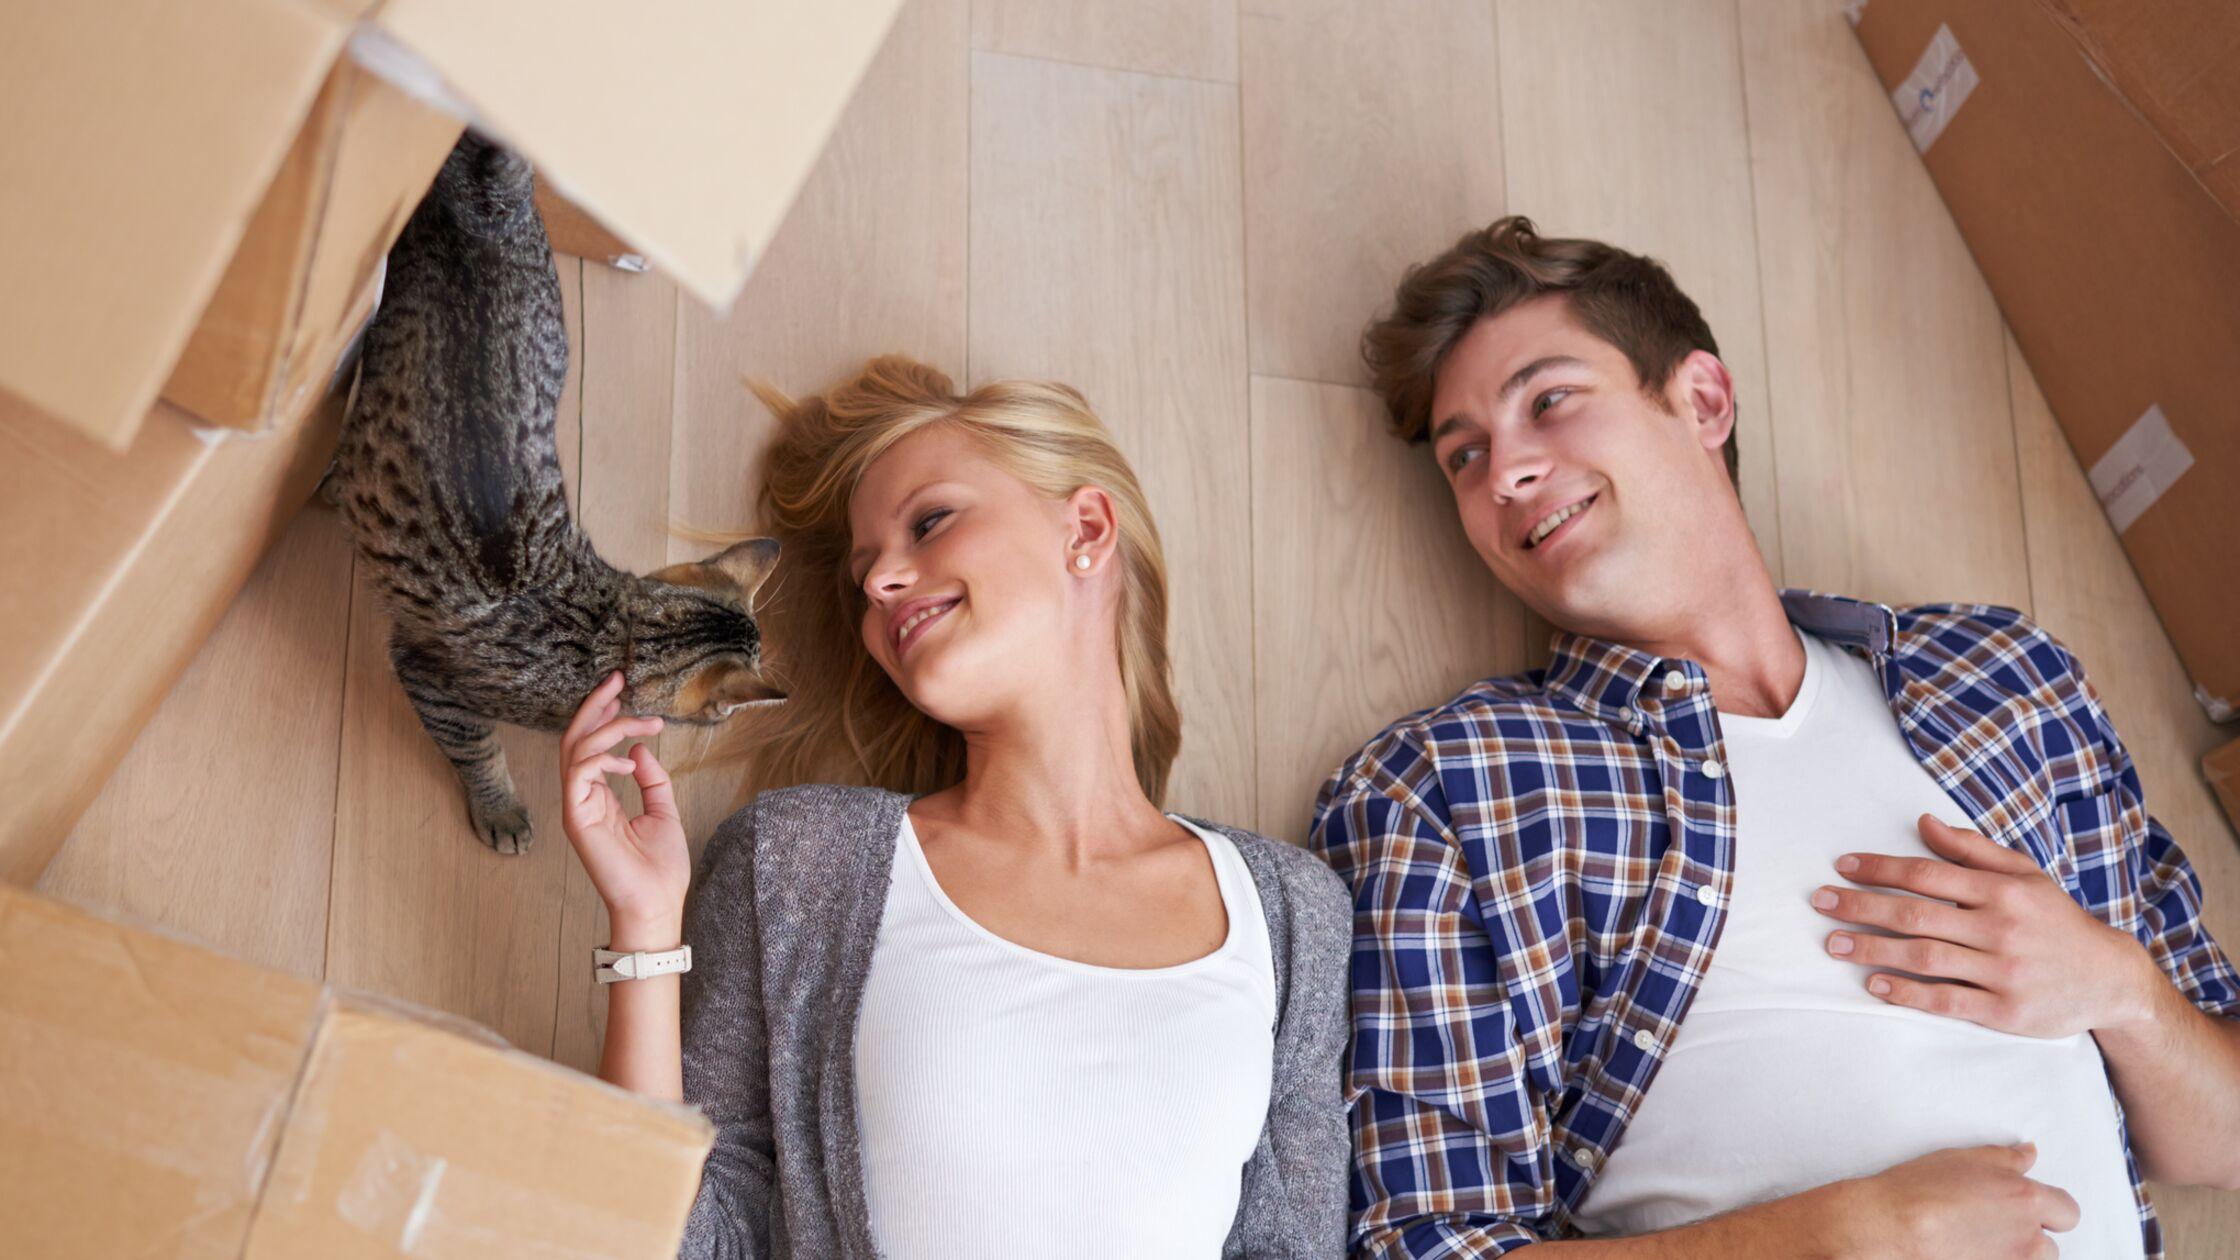 Junges Paar liegt zwischen Umzugskartons auf dem Boden. Sie streichelt die getigerte Katze.